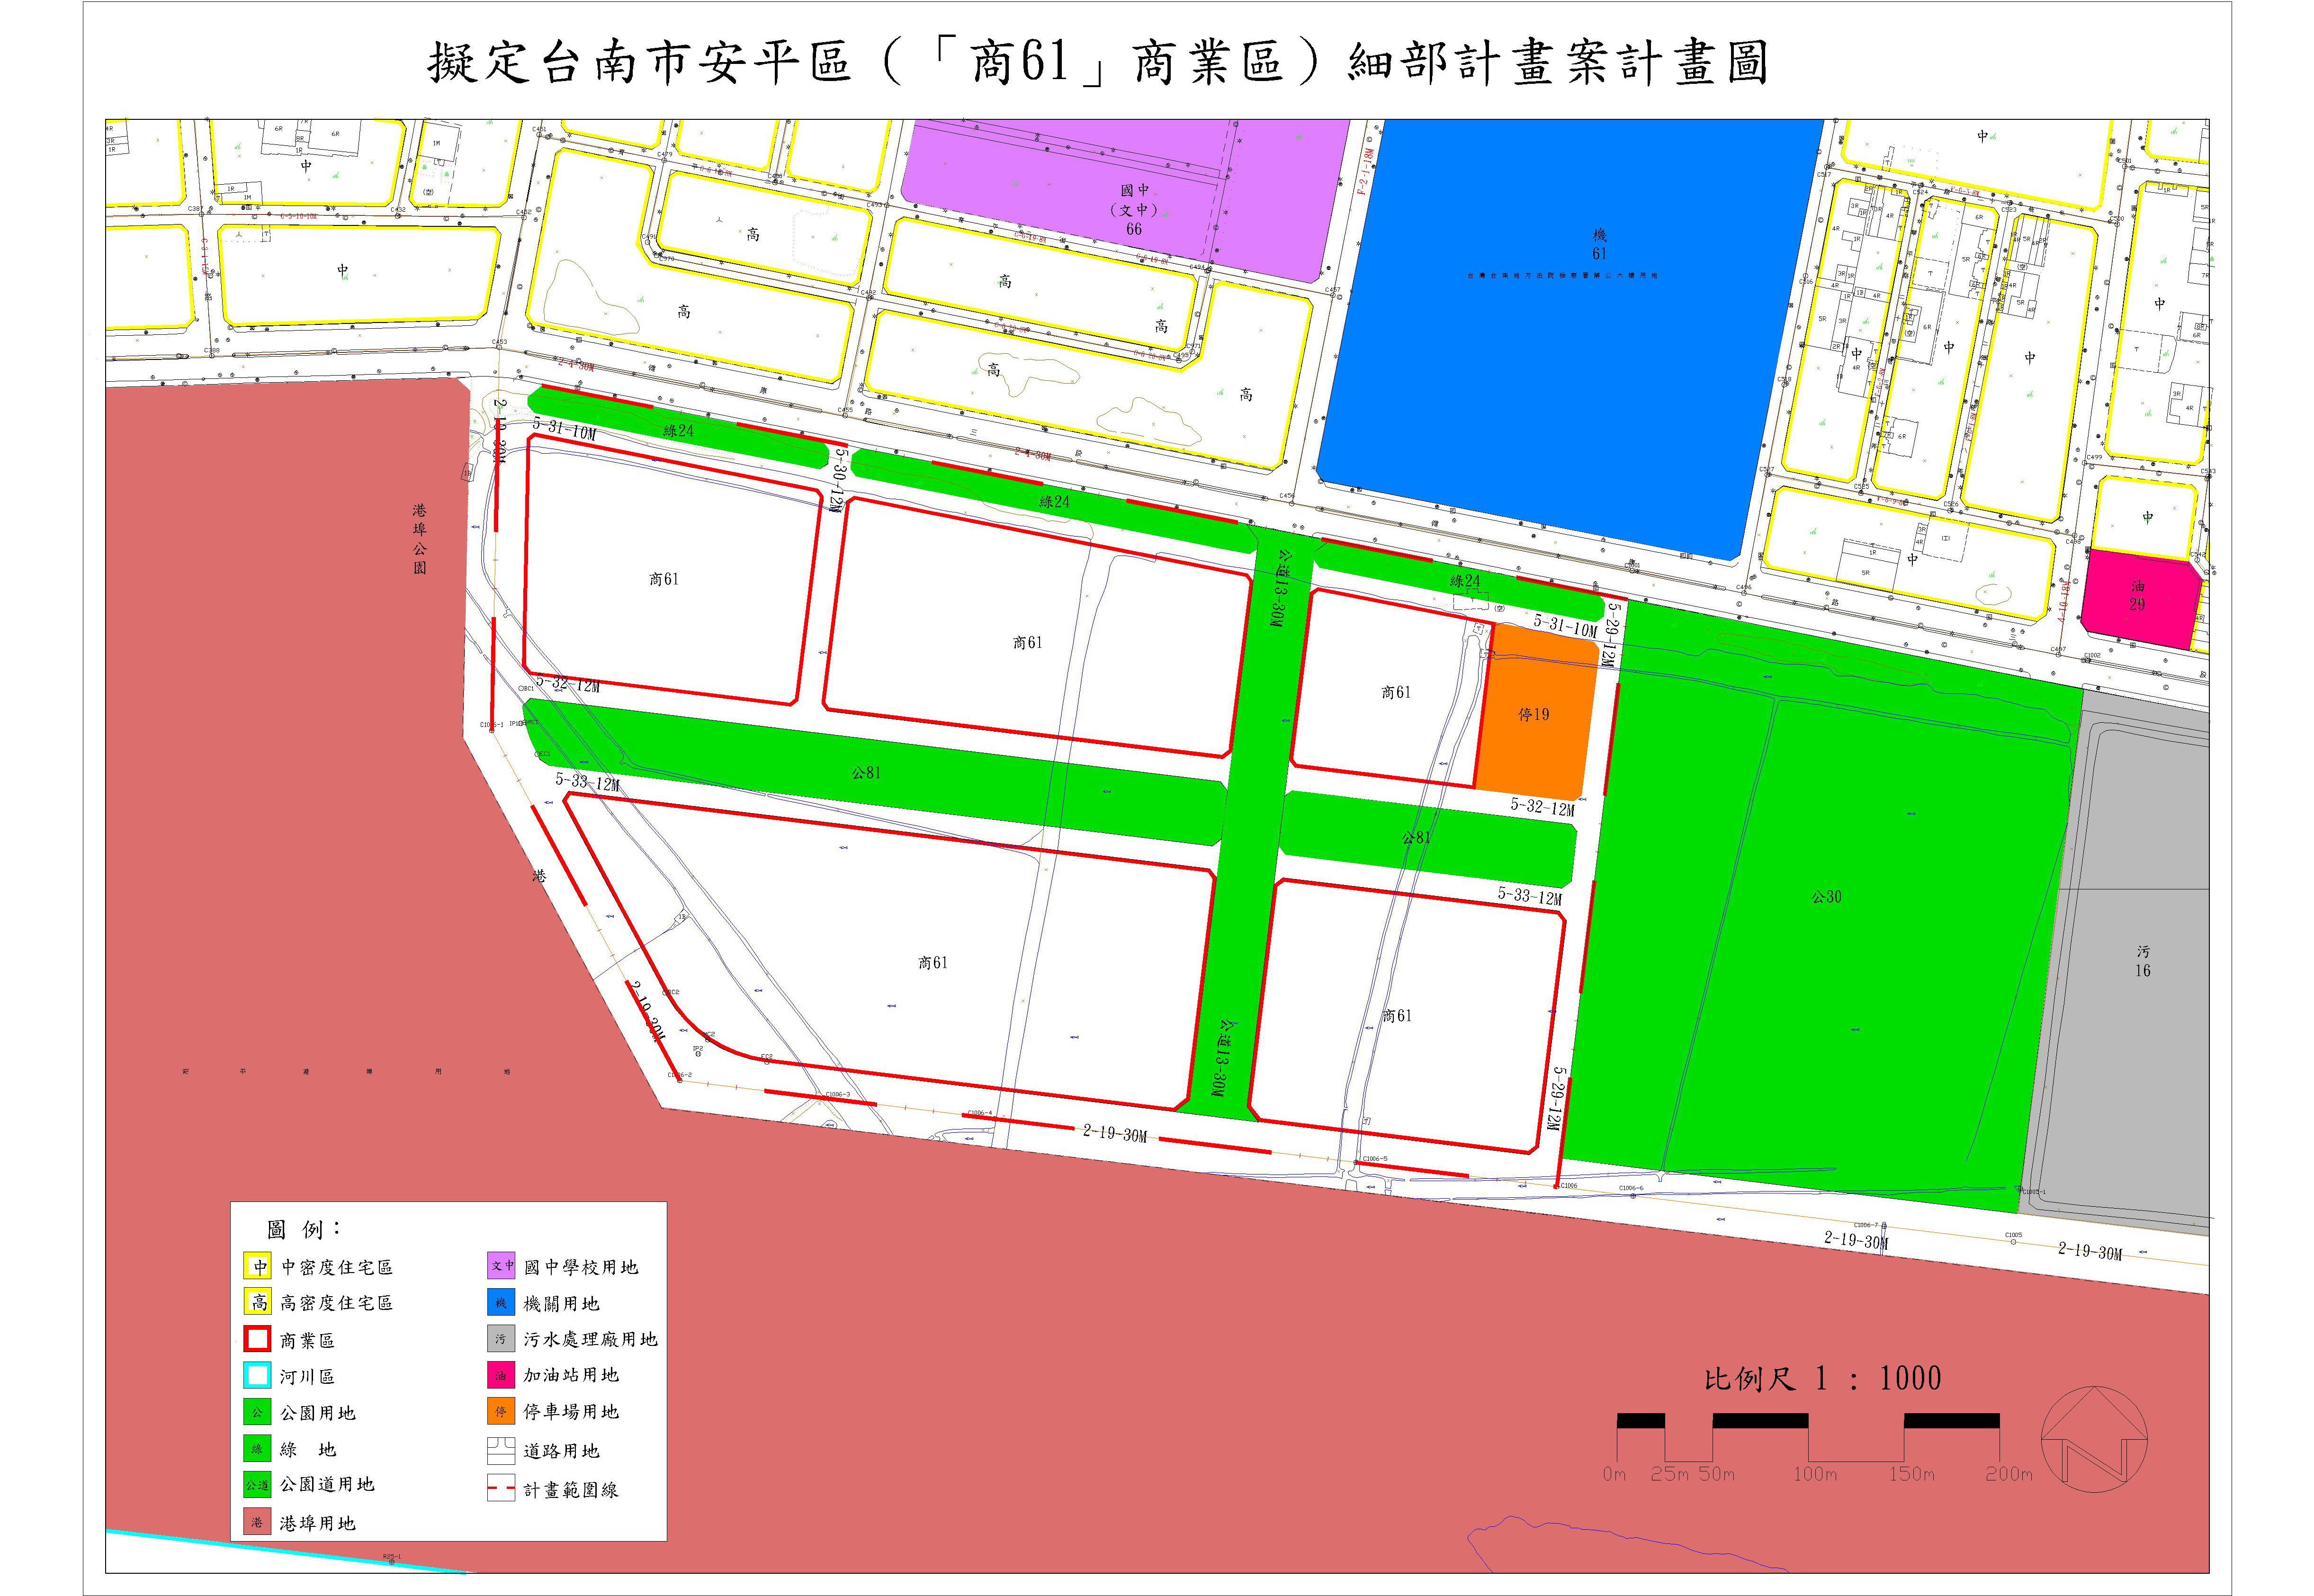 港埠商業區細部計畫自98年3月25日起辦理重新公開展覽  0